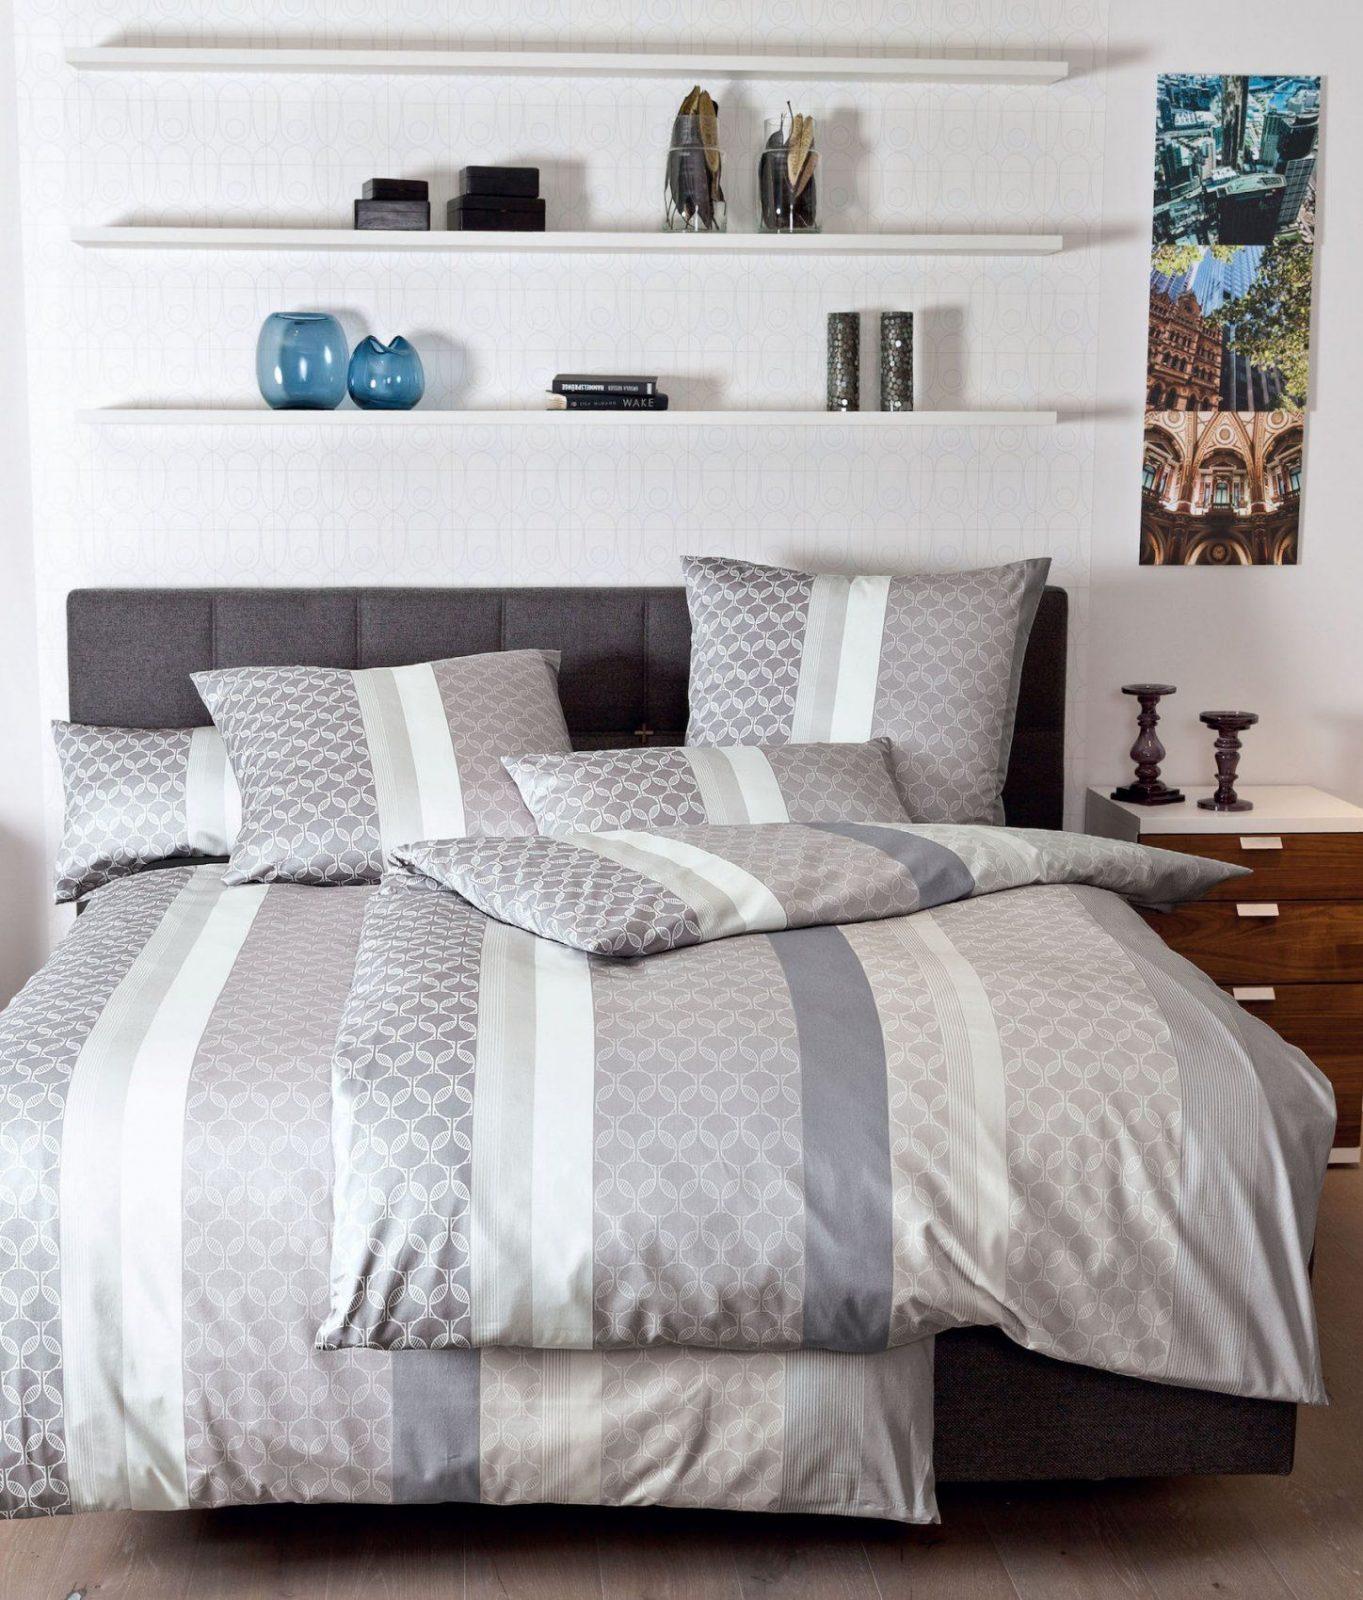 Luxuriös Bettwäsche Günstig 155 X 220  Bettwäsche Ideen von Foto Bettwäsche Günstig Bild